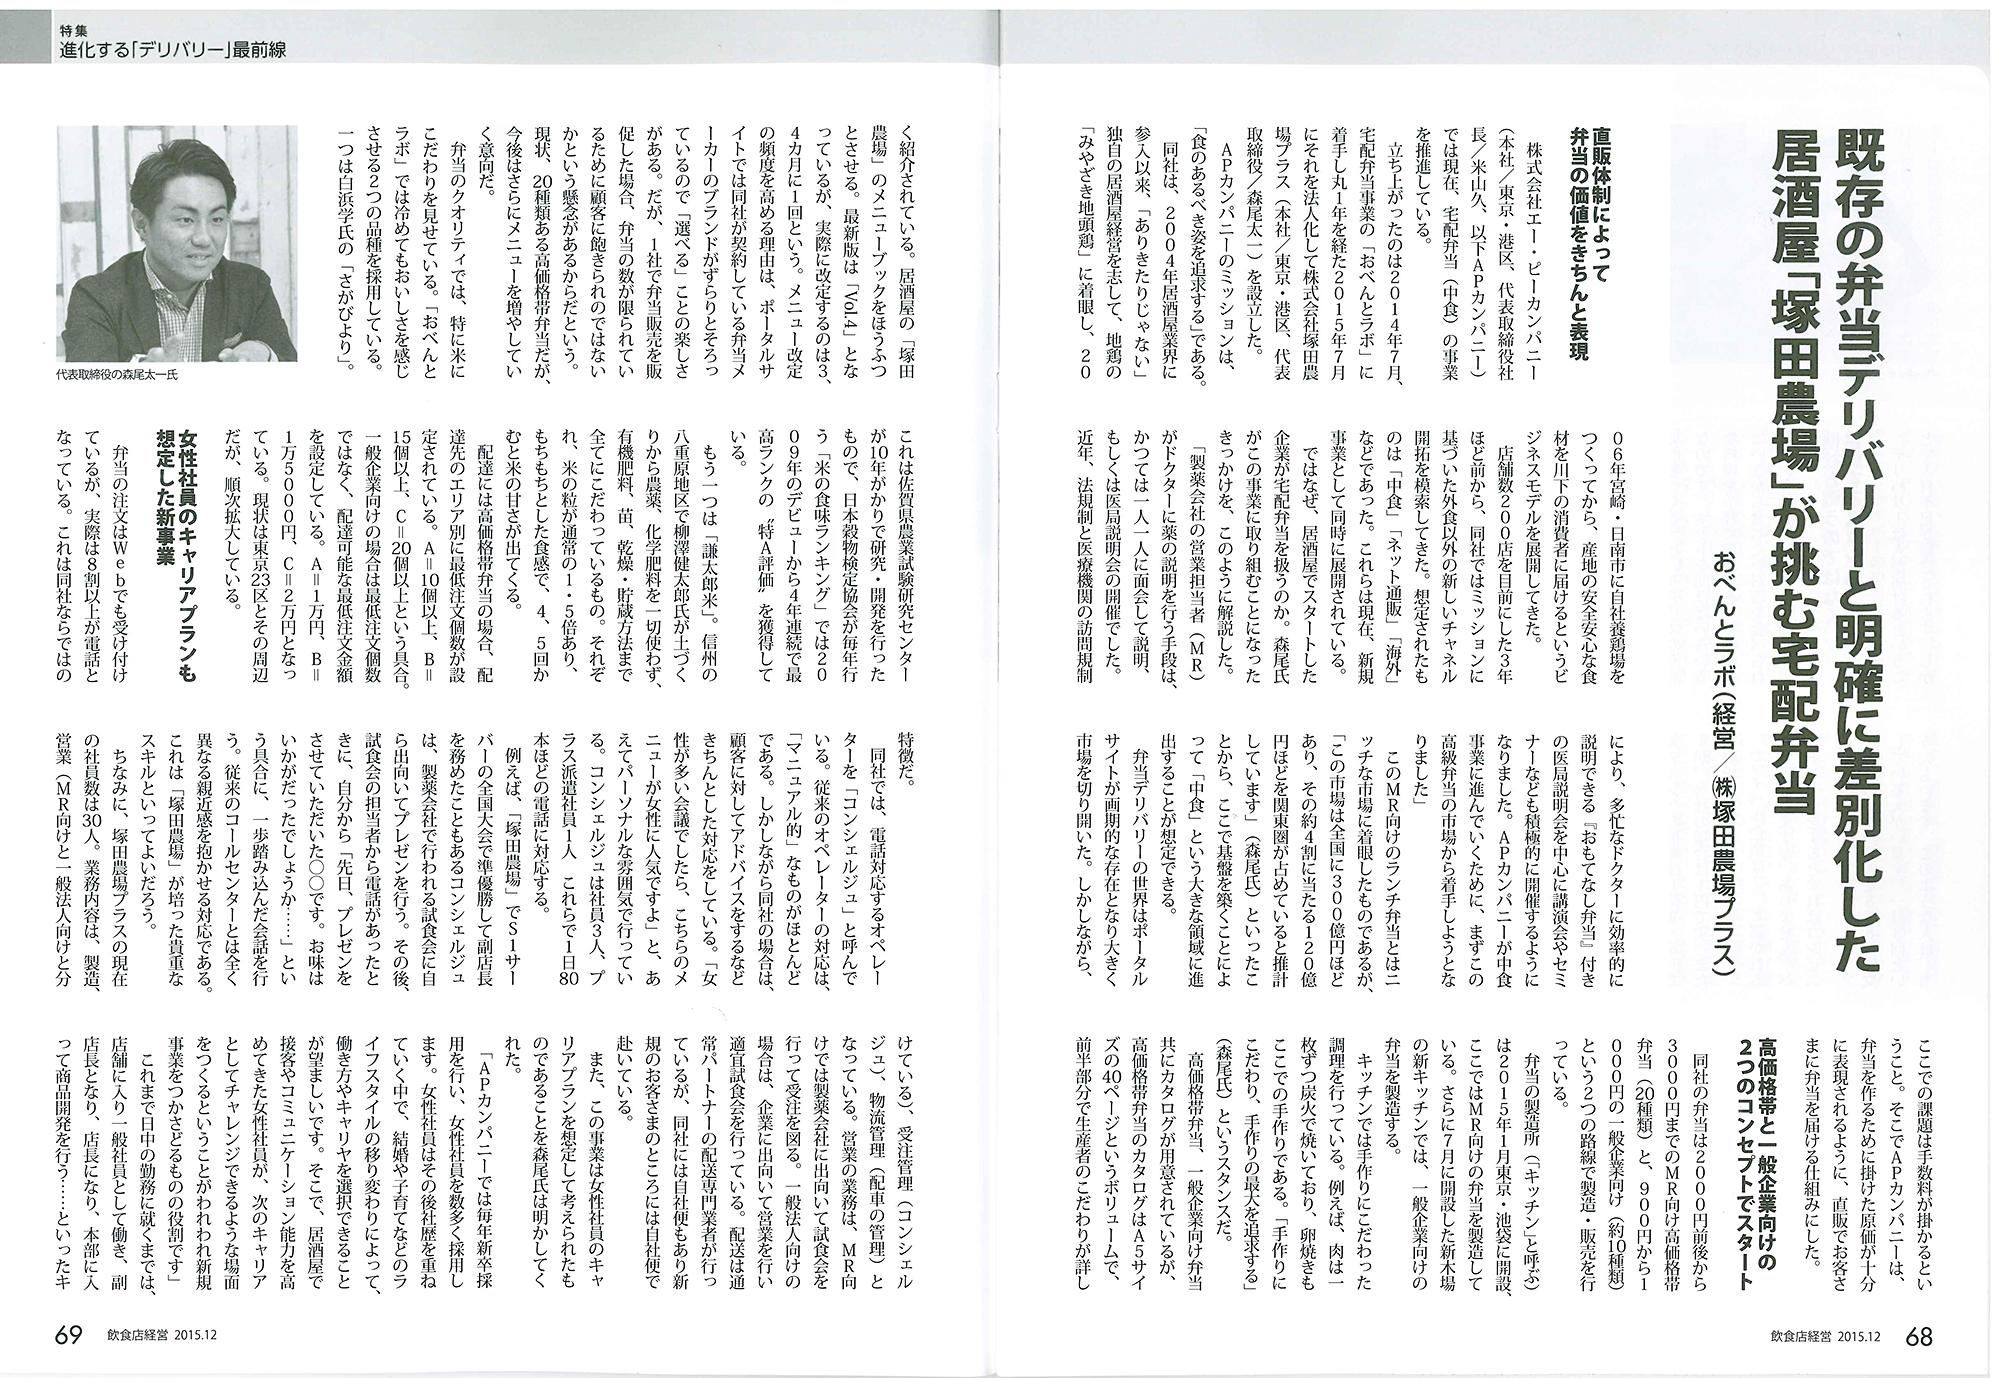 http://www.apcompany.jp/media/151120_%E9%A3%B2%E9%A3%9F%E5%BA%97%E7%B5%8C%E5%96%B61.jpg